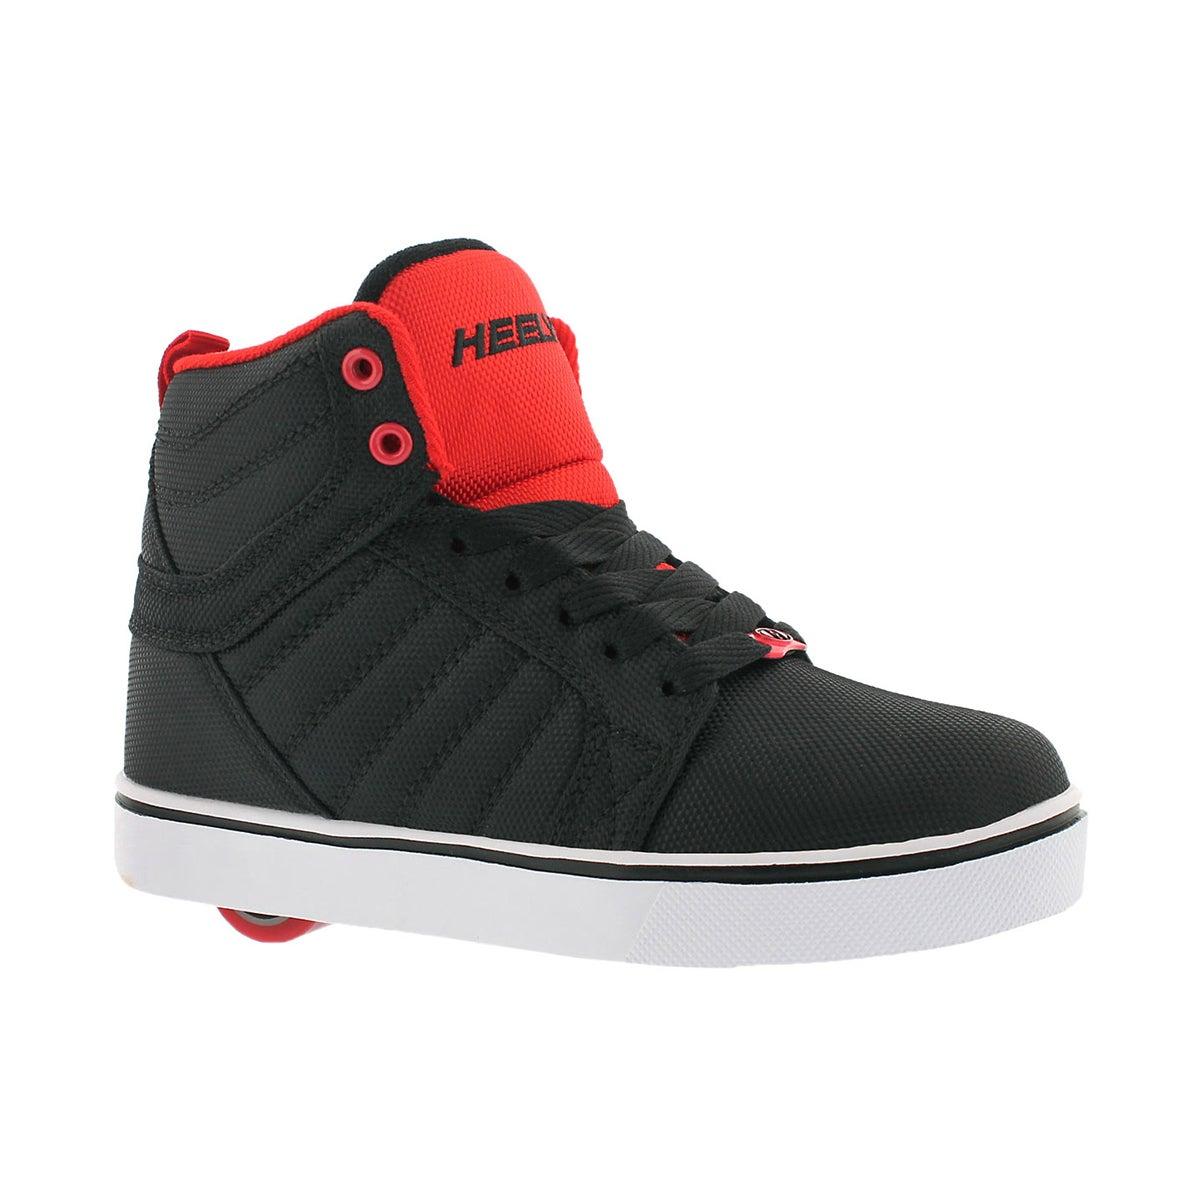 Boys' UPTOWN black/red hi top skate sneakers